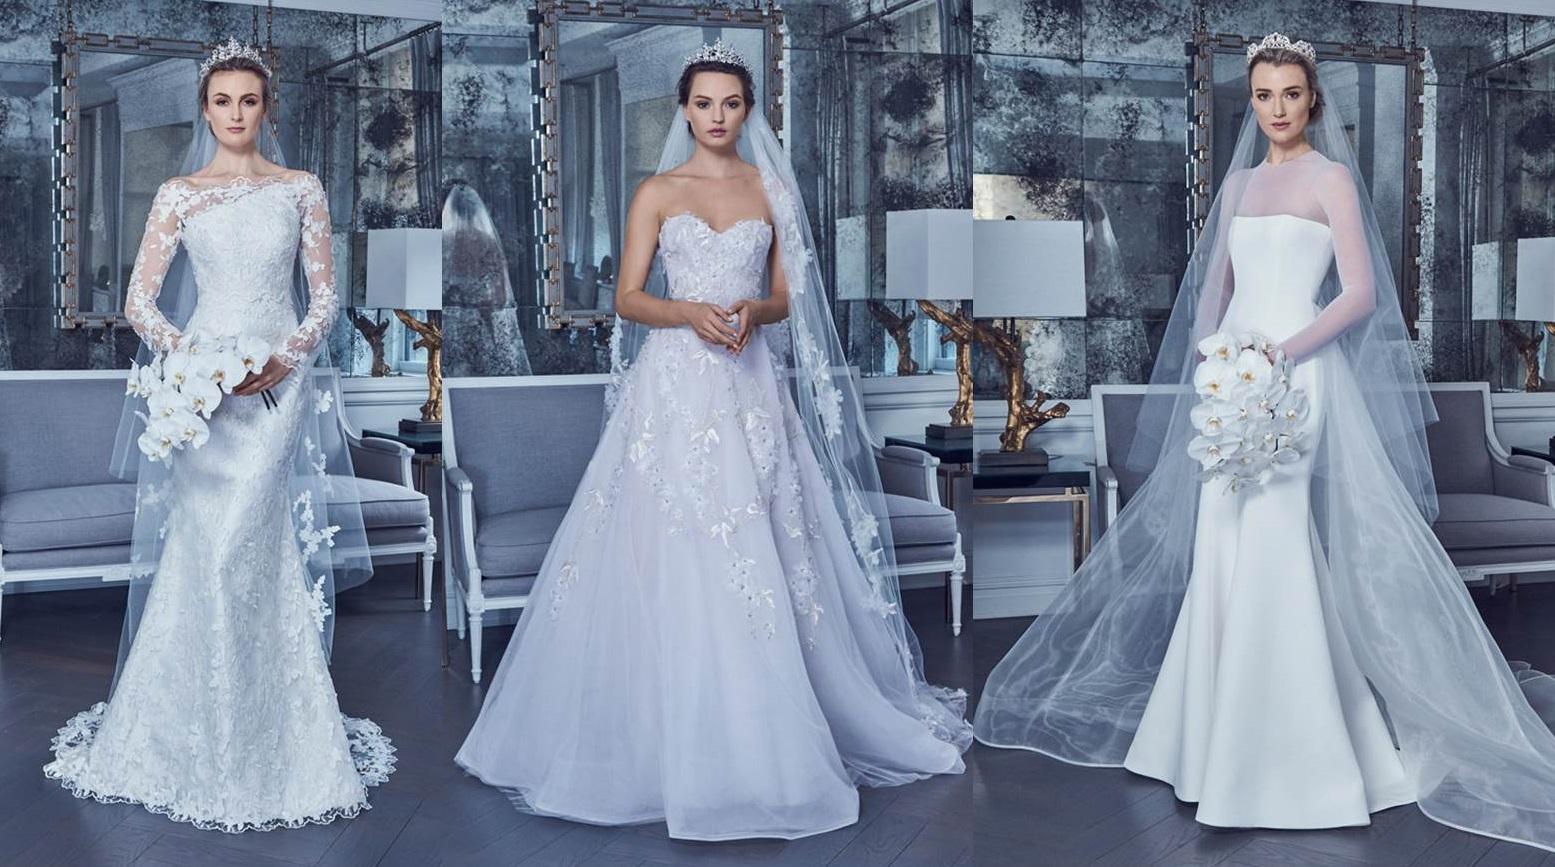 abiti da sposa romona keveza 2019